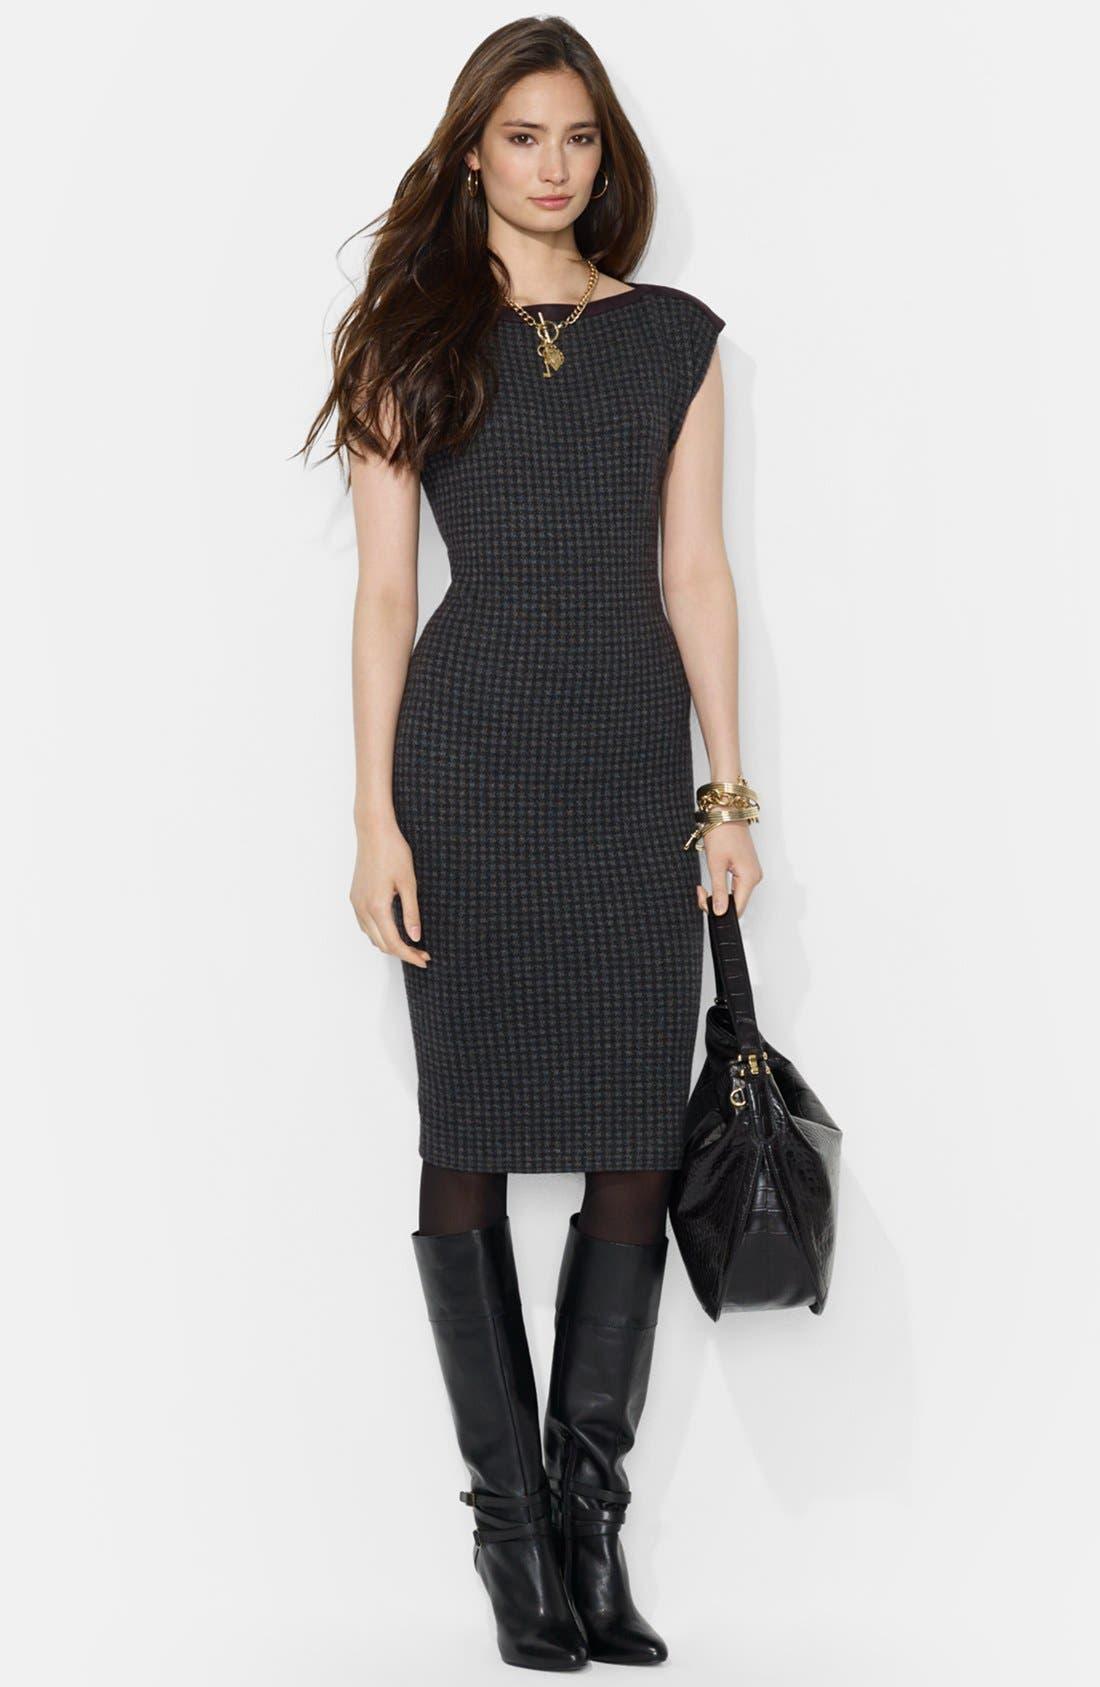 Alternate Image 1 Selected - Lauren Ralph Lauren Houndstooth Boatneck Dress (Petite)